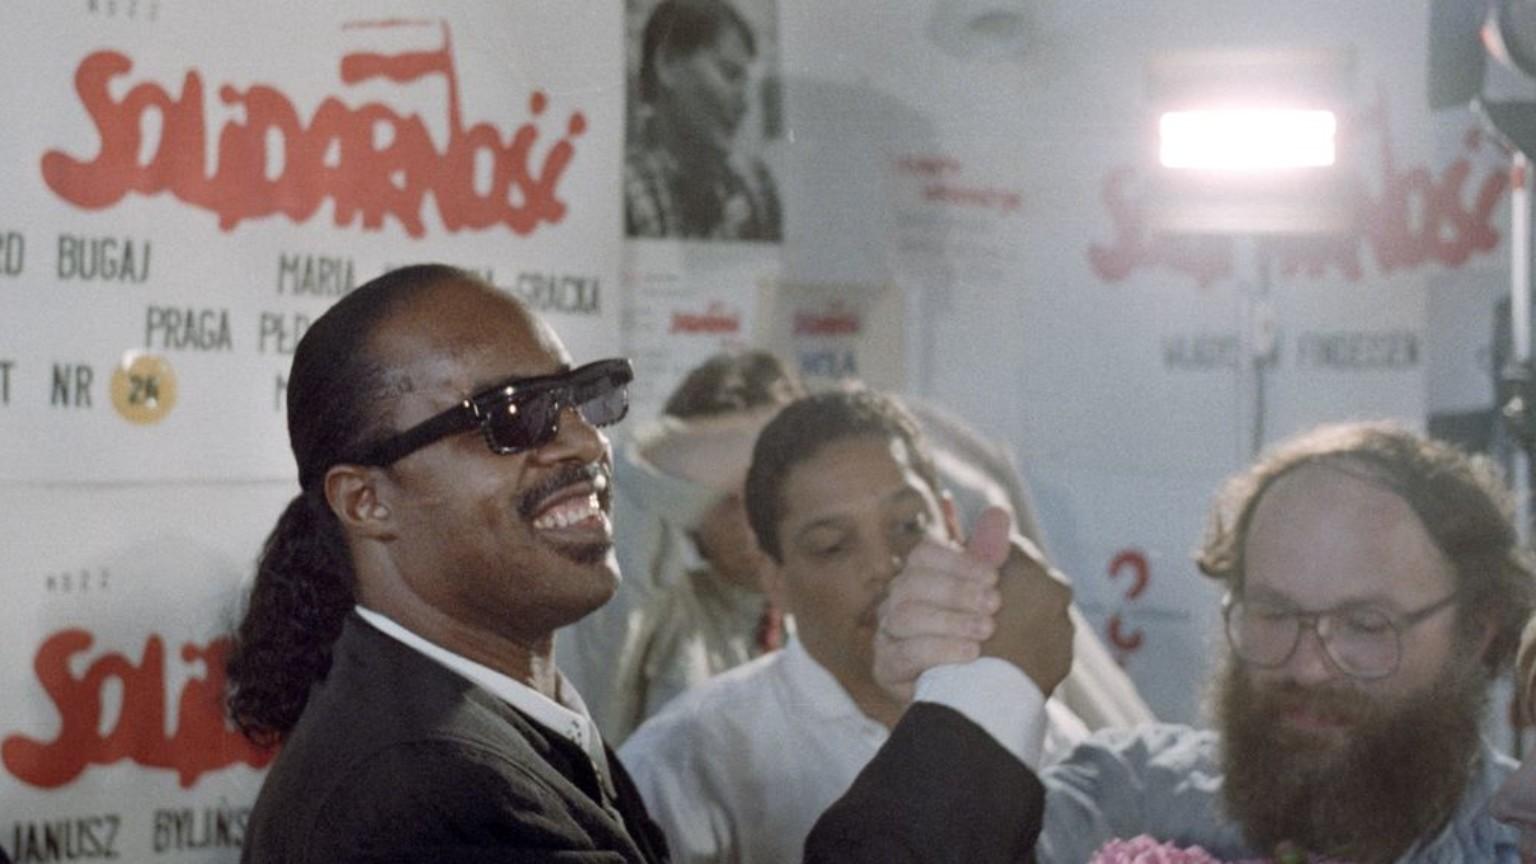 Zdjęcie dla kartki: Legendarny koncert Stevie Wondera